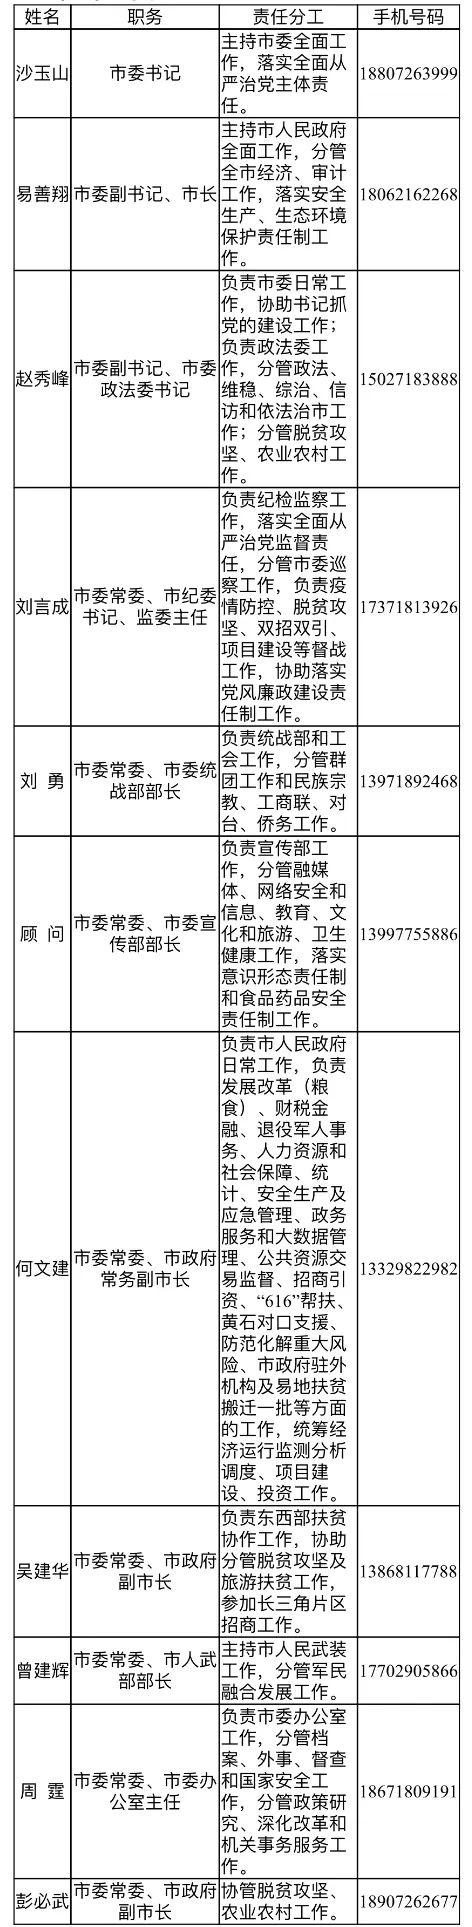 【外链推广】_湖北利川公布百余名领导干部手机号,收信人须在1个工作日内回复